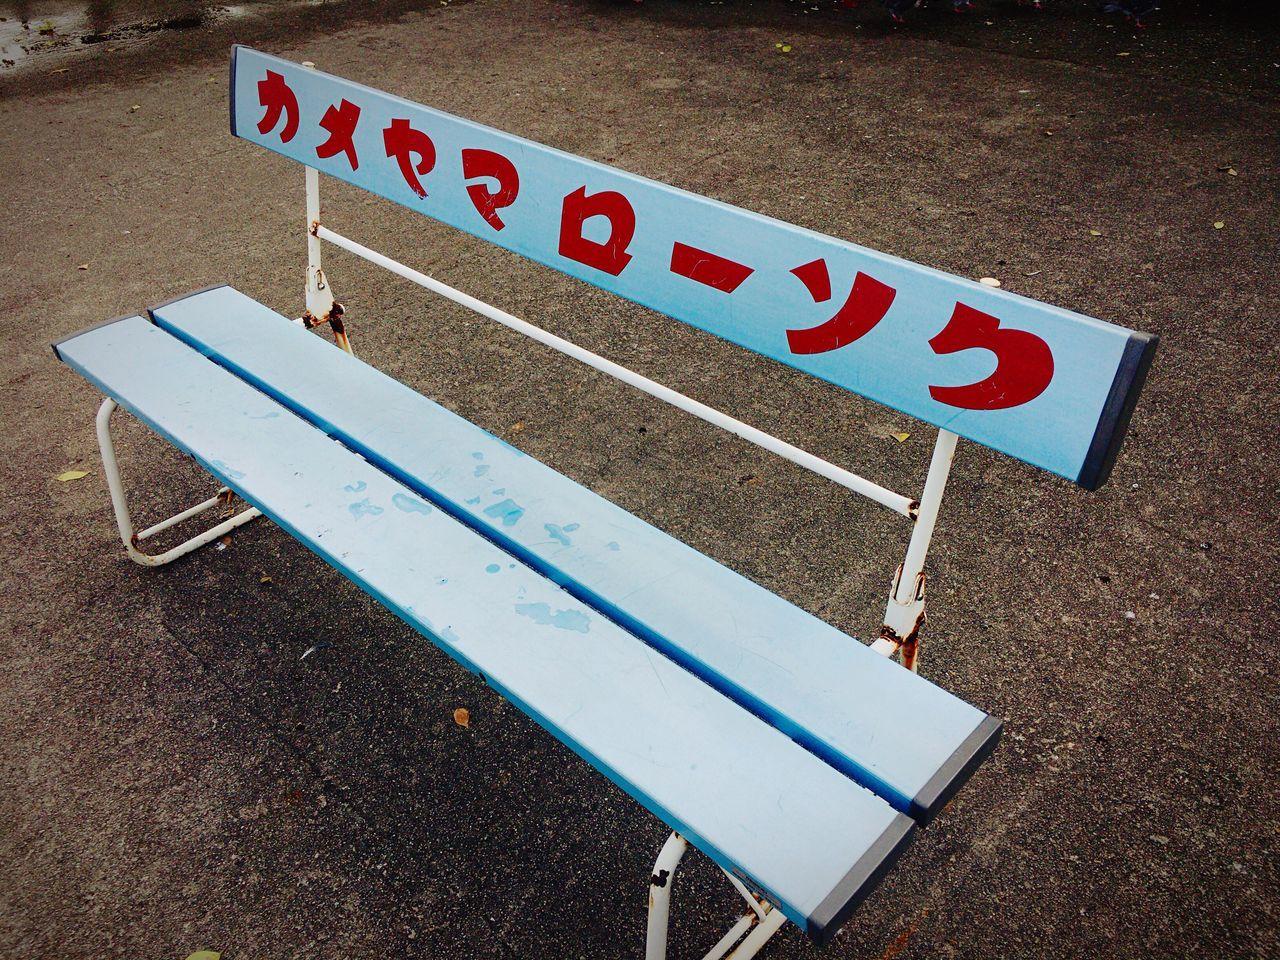 鷲尾愛宕神社にあったレトロ感あるベンチ〜 Bench Benchlovers Bench Seat Japanese Shrine Blues Retro Retro Styled Retro Style Retrostyle Lettering Cityscapes Urban Lifestyle Eyeemphotography Shrine Of Japan Commercial Sign Fukuoka,Japan